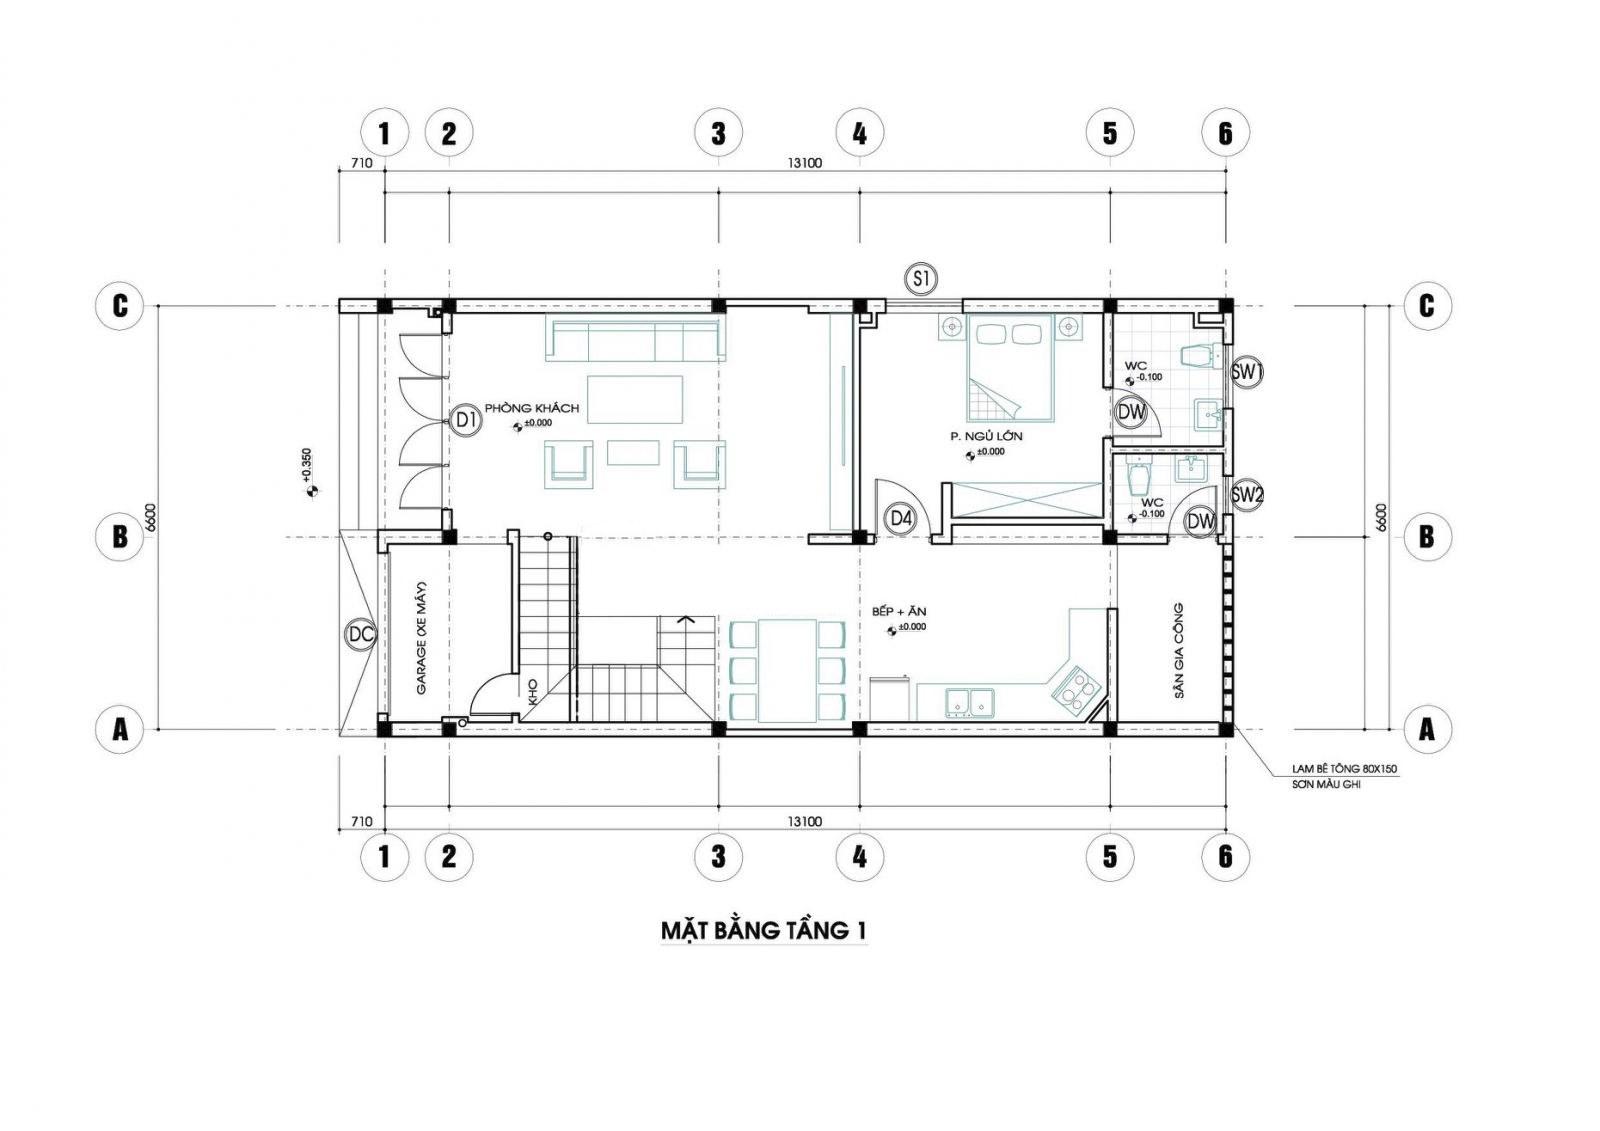 Mặt bằng tầng 1 mẫu nhà 2 tầng 3 phòng ngủ